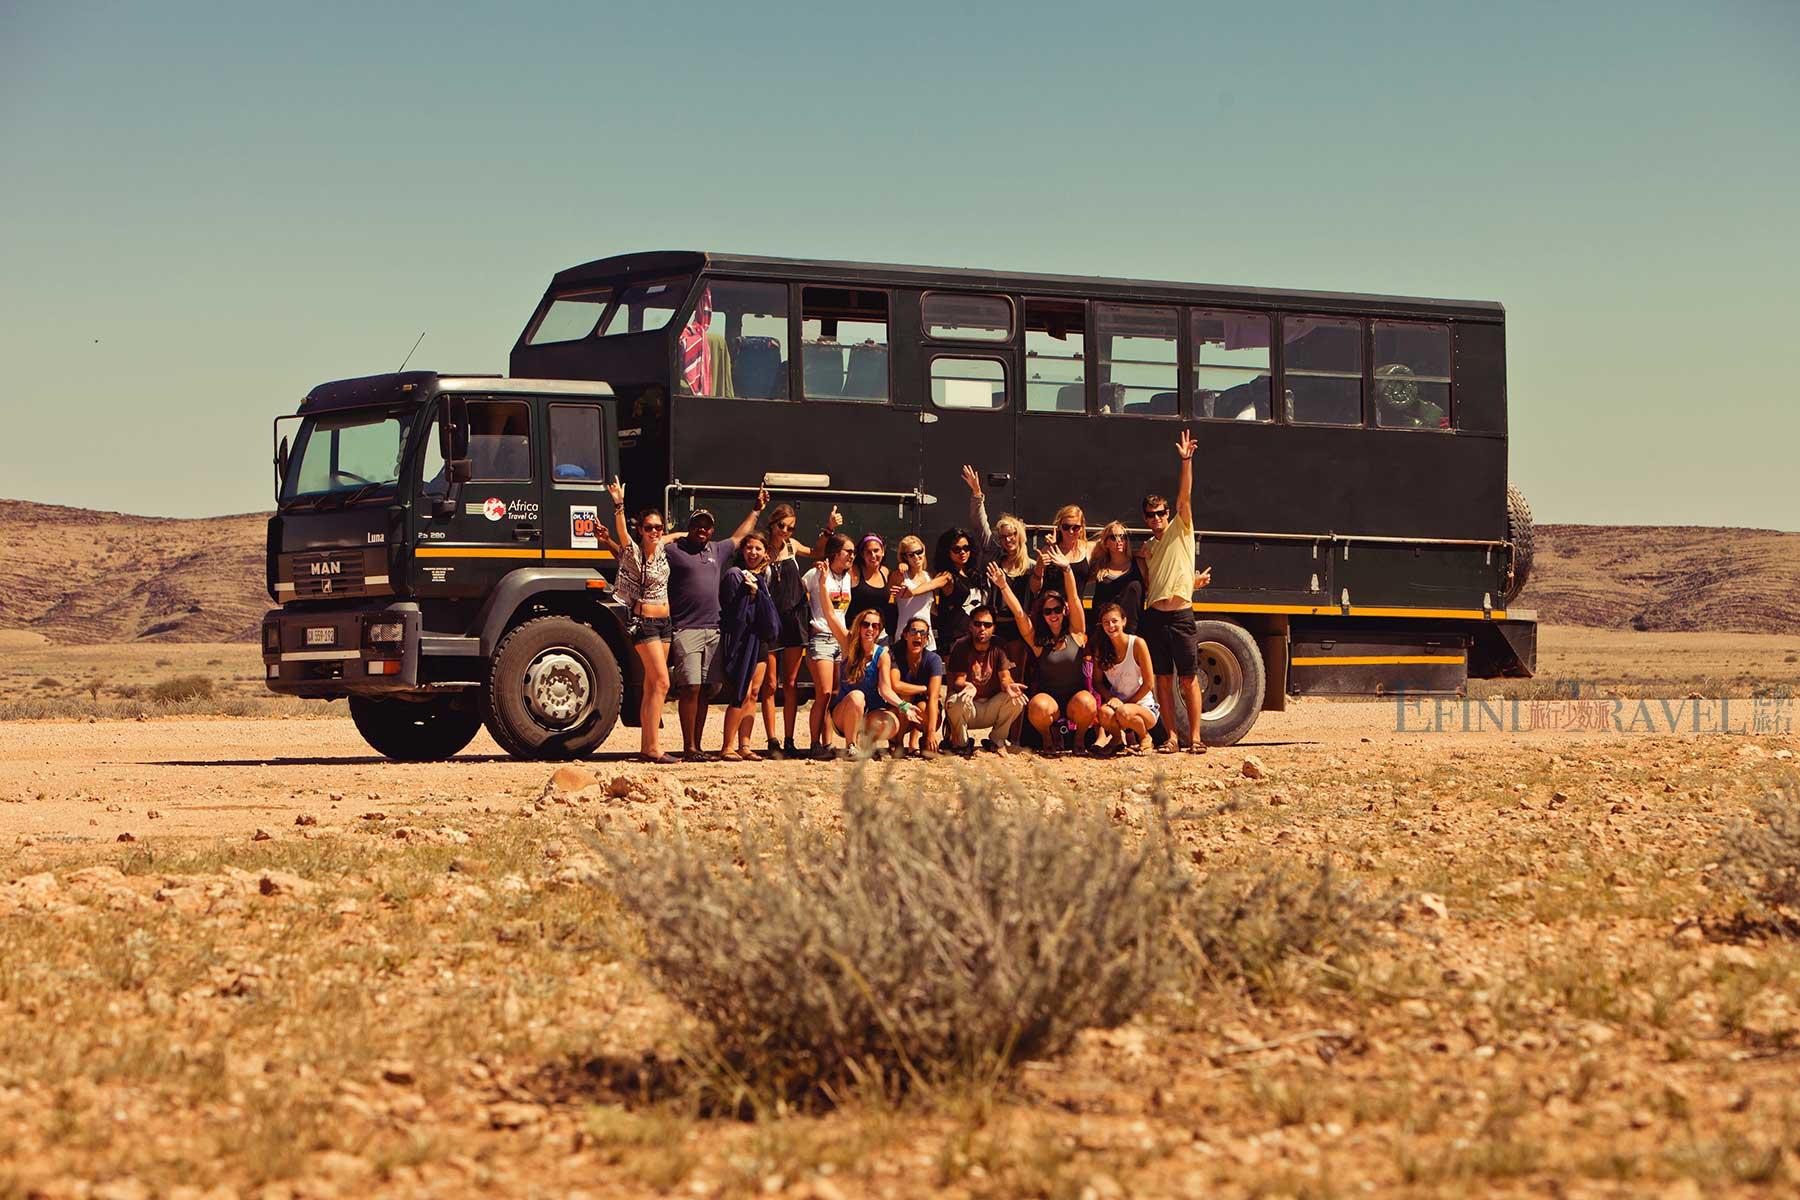 穿越非洲大篷车旅行